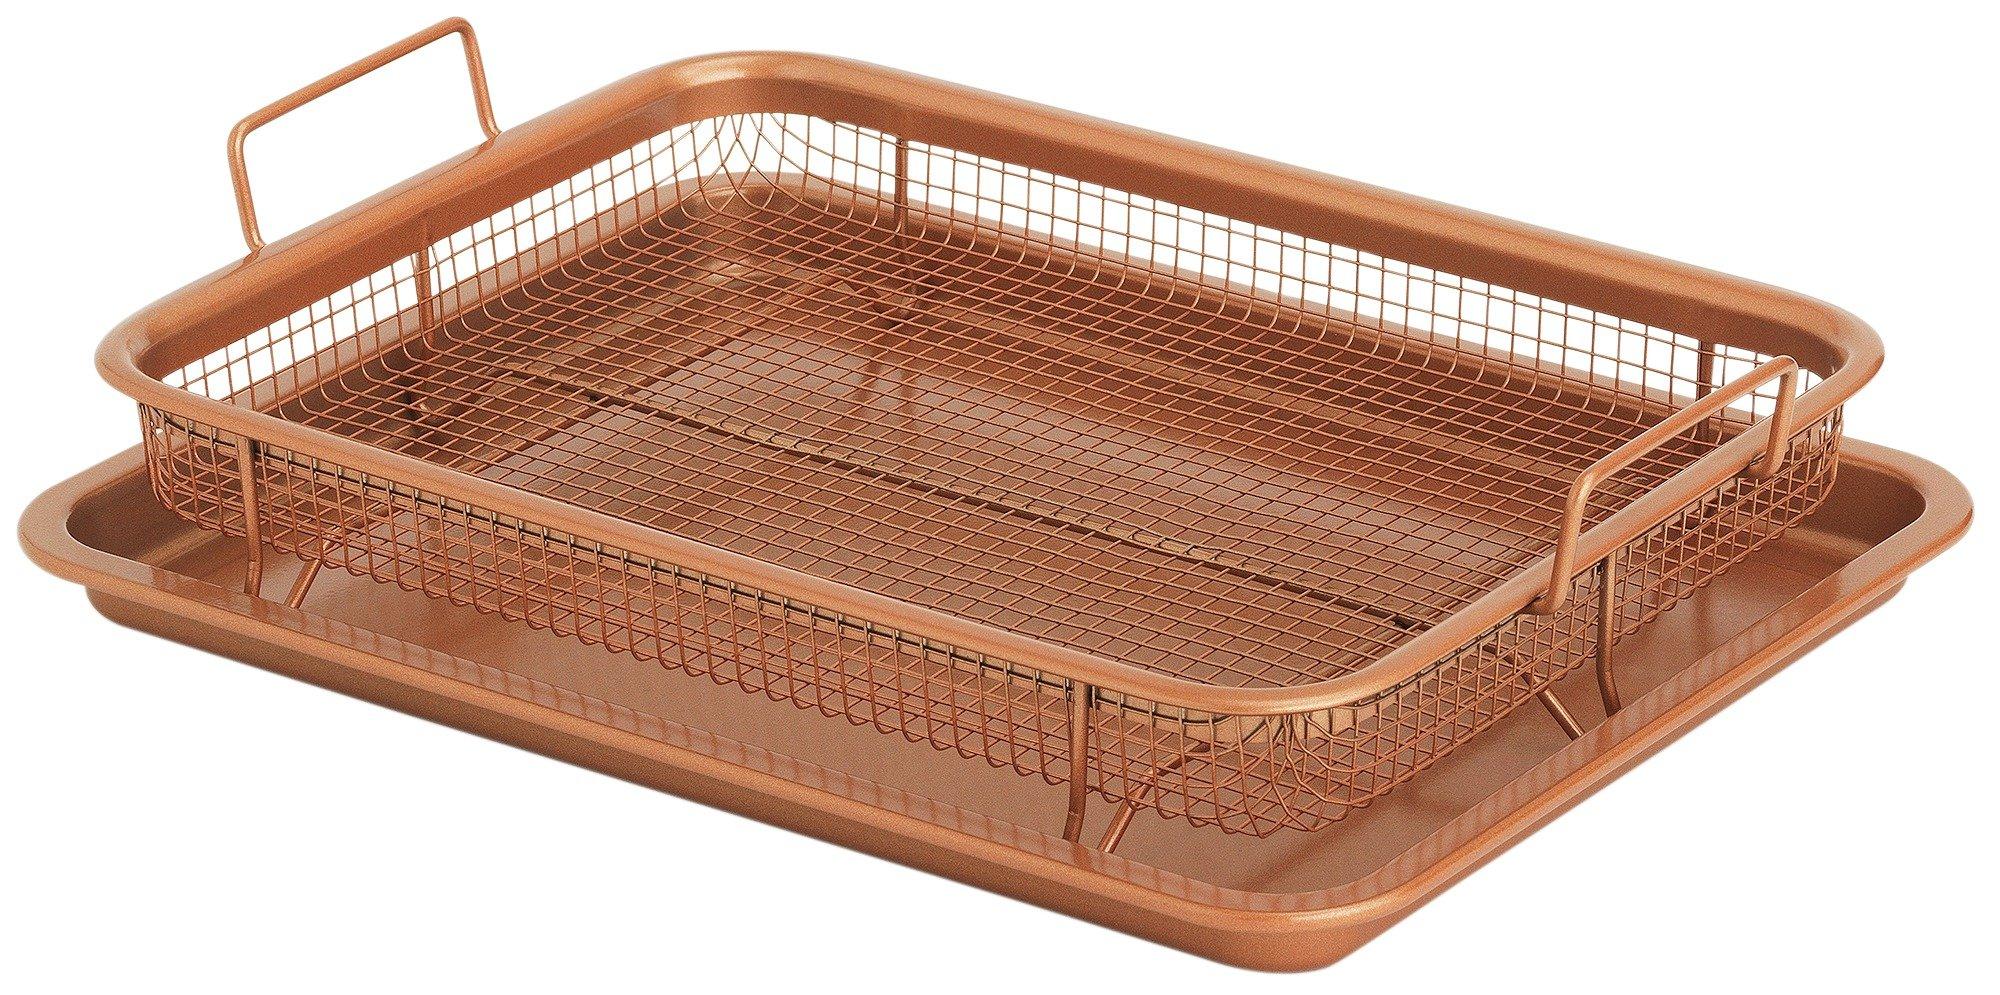 Image of Copper Chef Copper Crisper Oven Tray & Mesh Crisping Basket